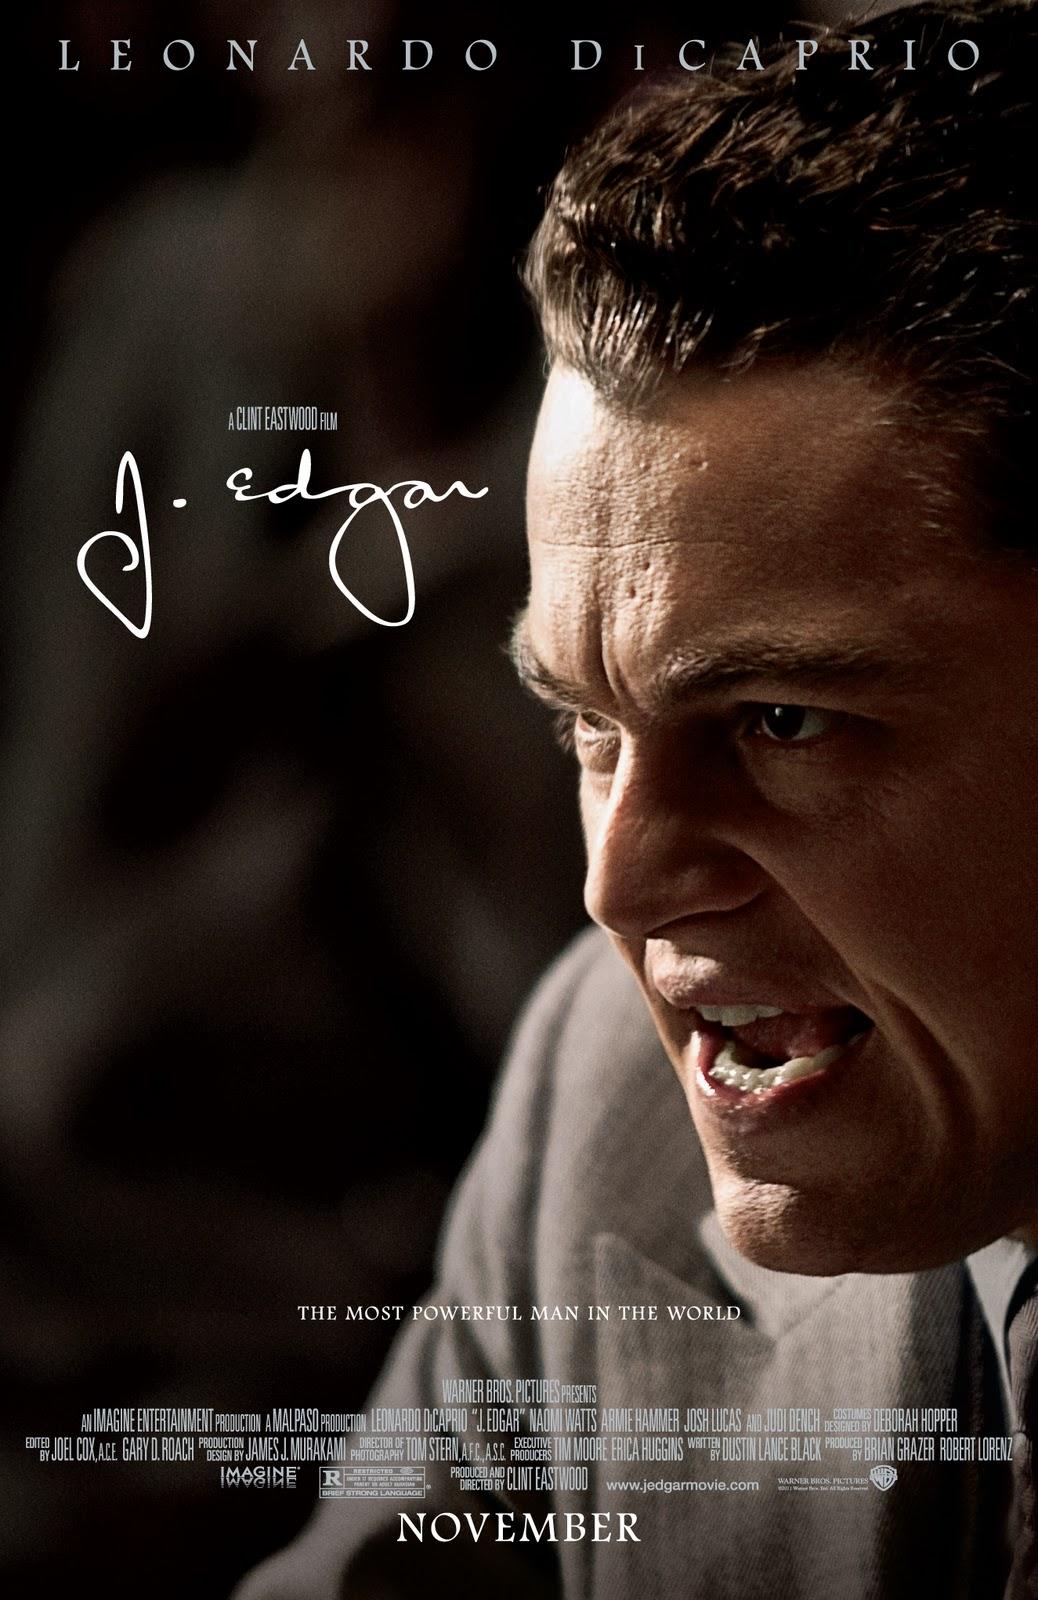 http://4.bp.blogspot.com/-8jjwMrbPF9s/Tr0TrxpvbmI/AAAAAAAABrY/keLuxUxqq3U/s1600/J.+Edgar+2011+poster.jpg